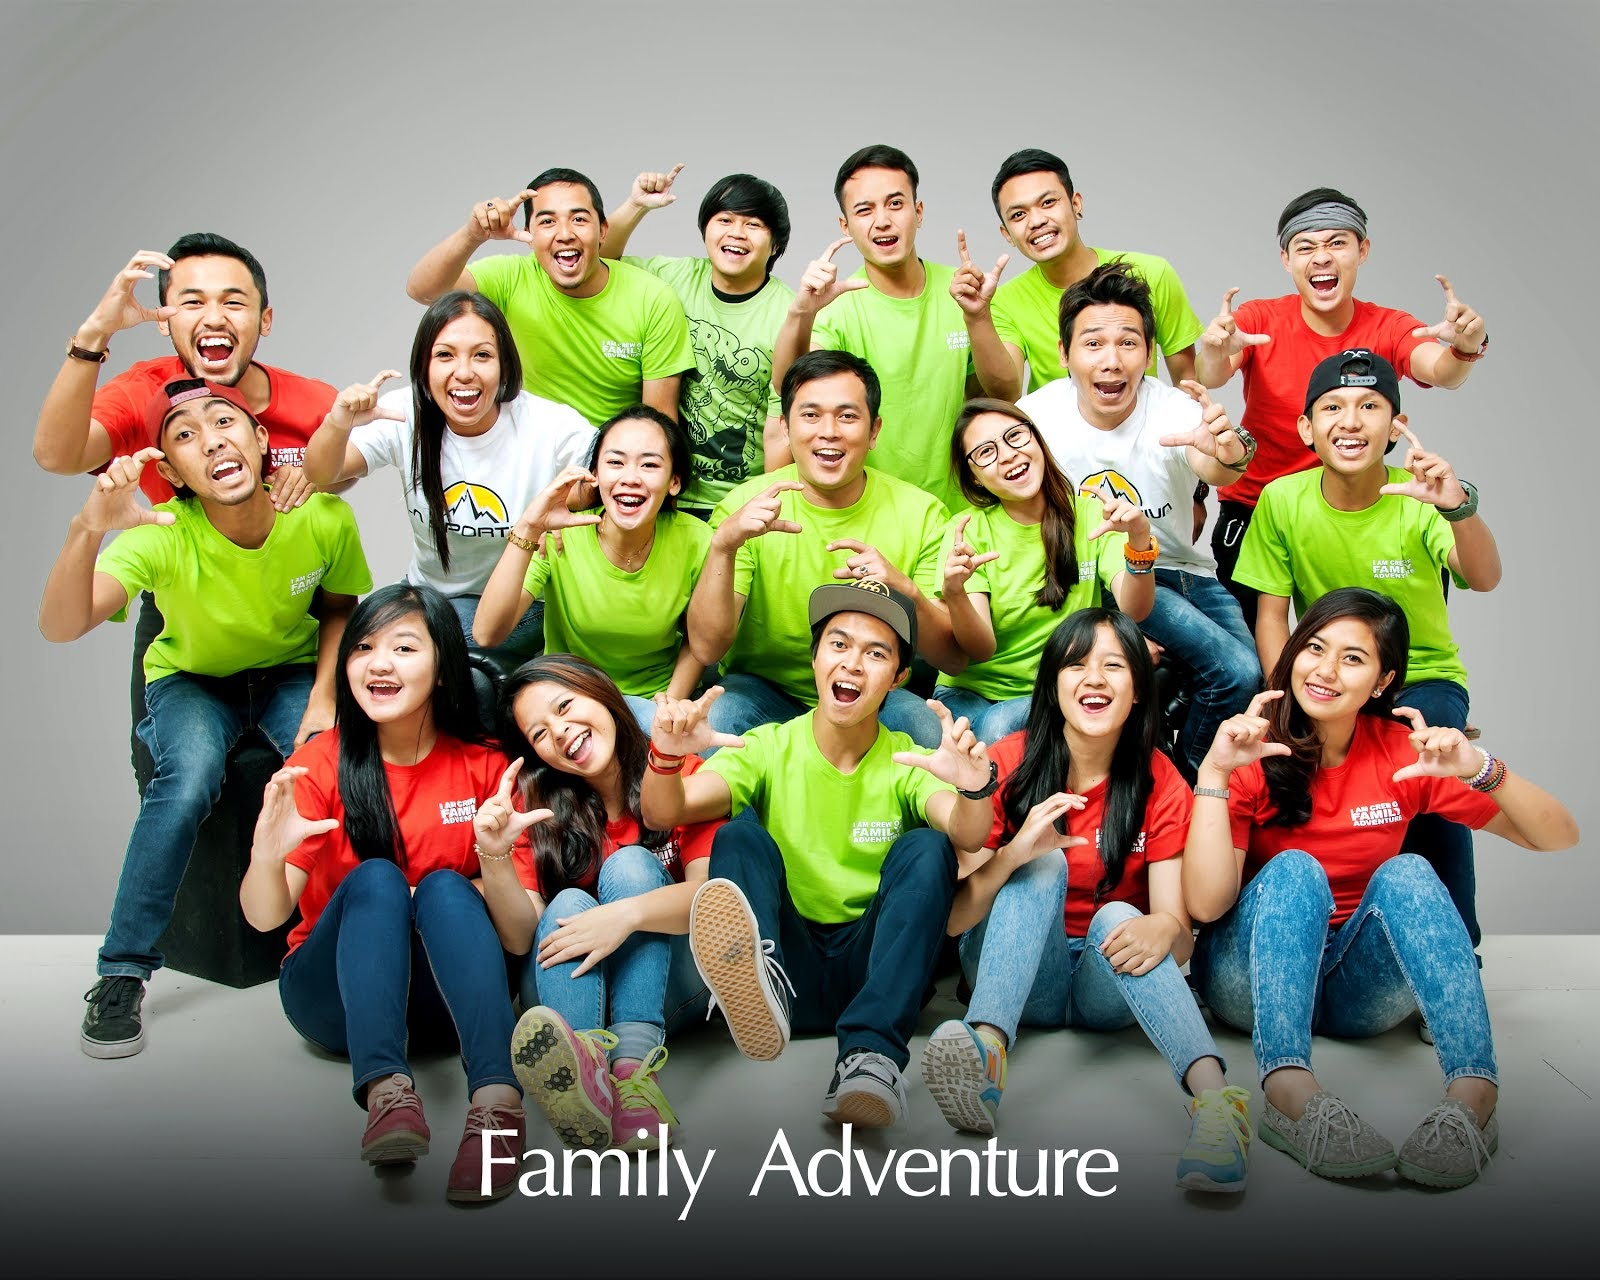 CV FAMILY ADVENTURE CREW